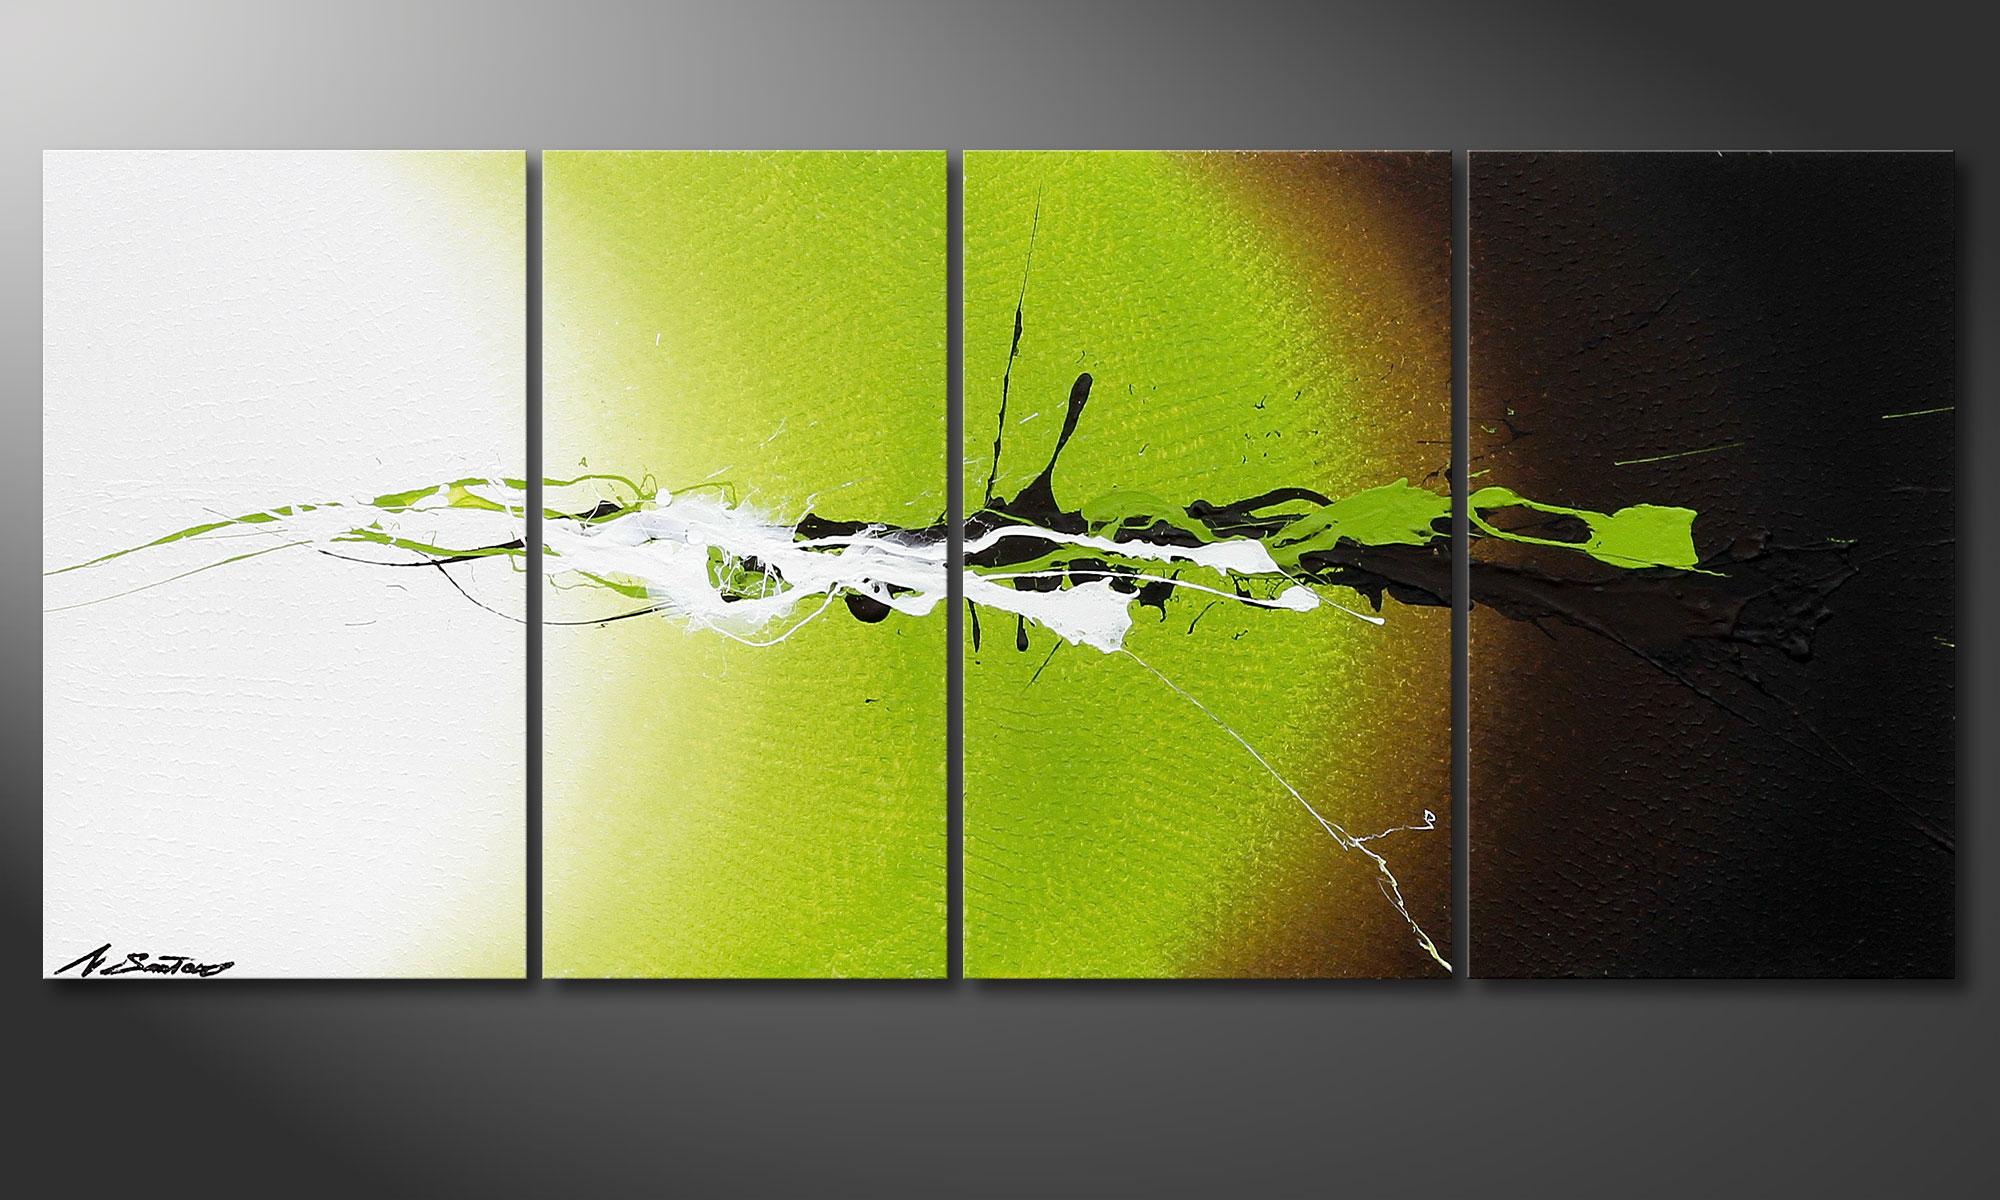 Wanddeko mit dem bild juicy splash 115x50cm wandbilder xxl for Moderne acrylbilder wanddekorationen